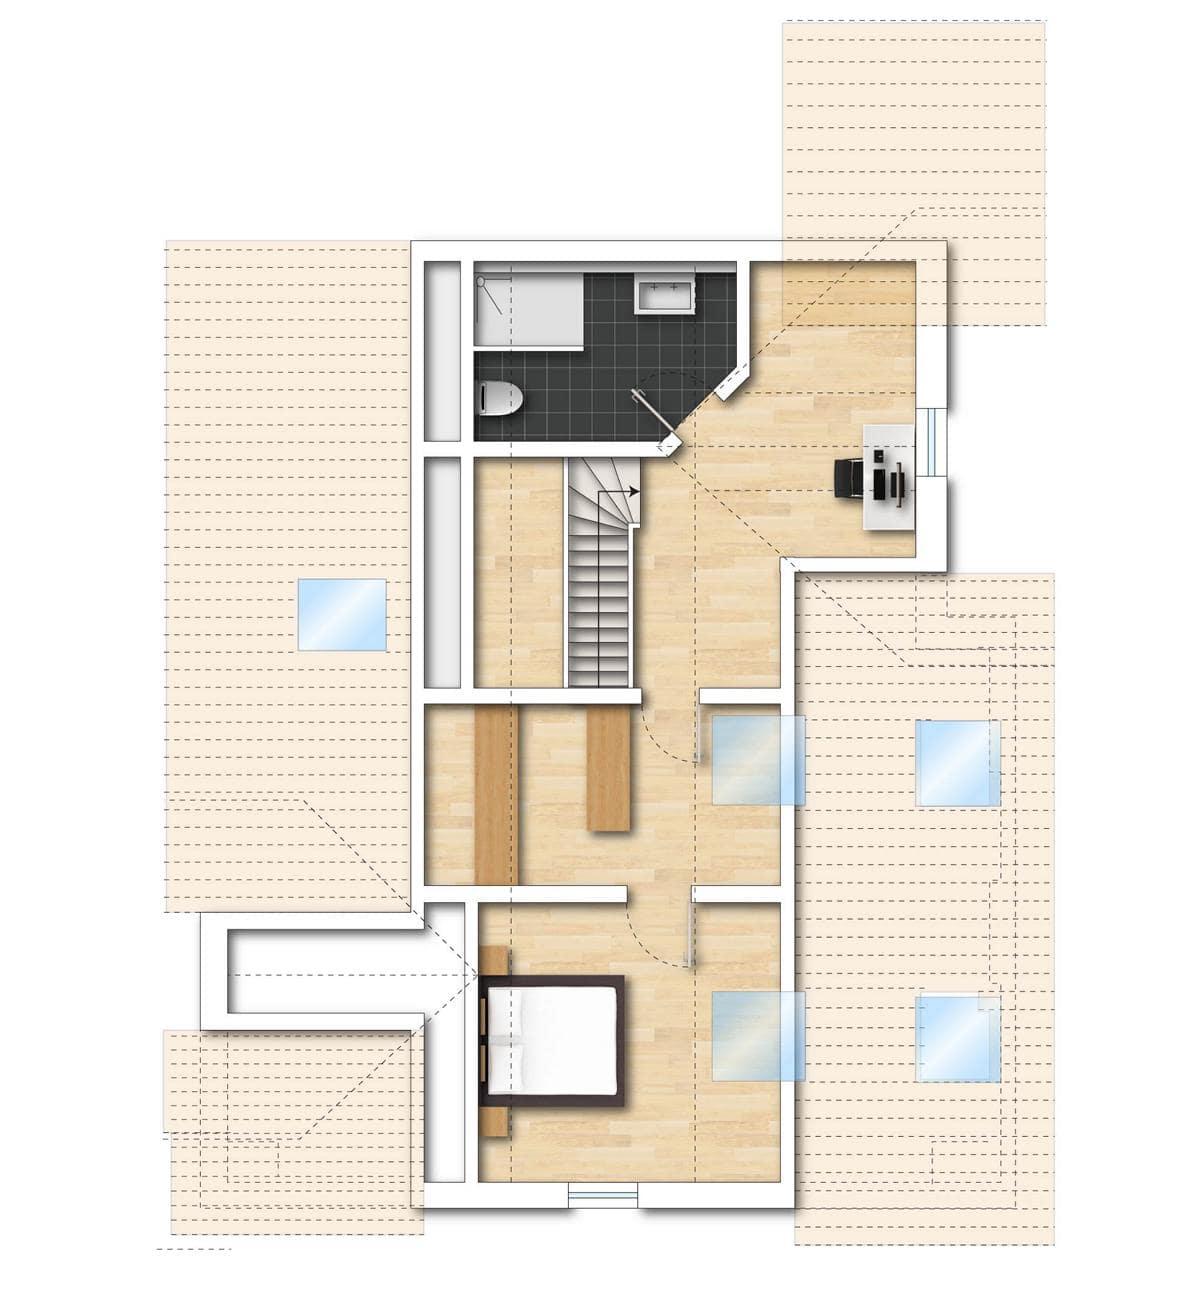 Grundriss Neubauwohnung 9 obere Etage Bodman im Weiler